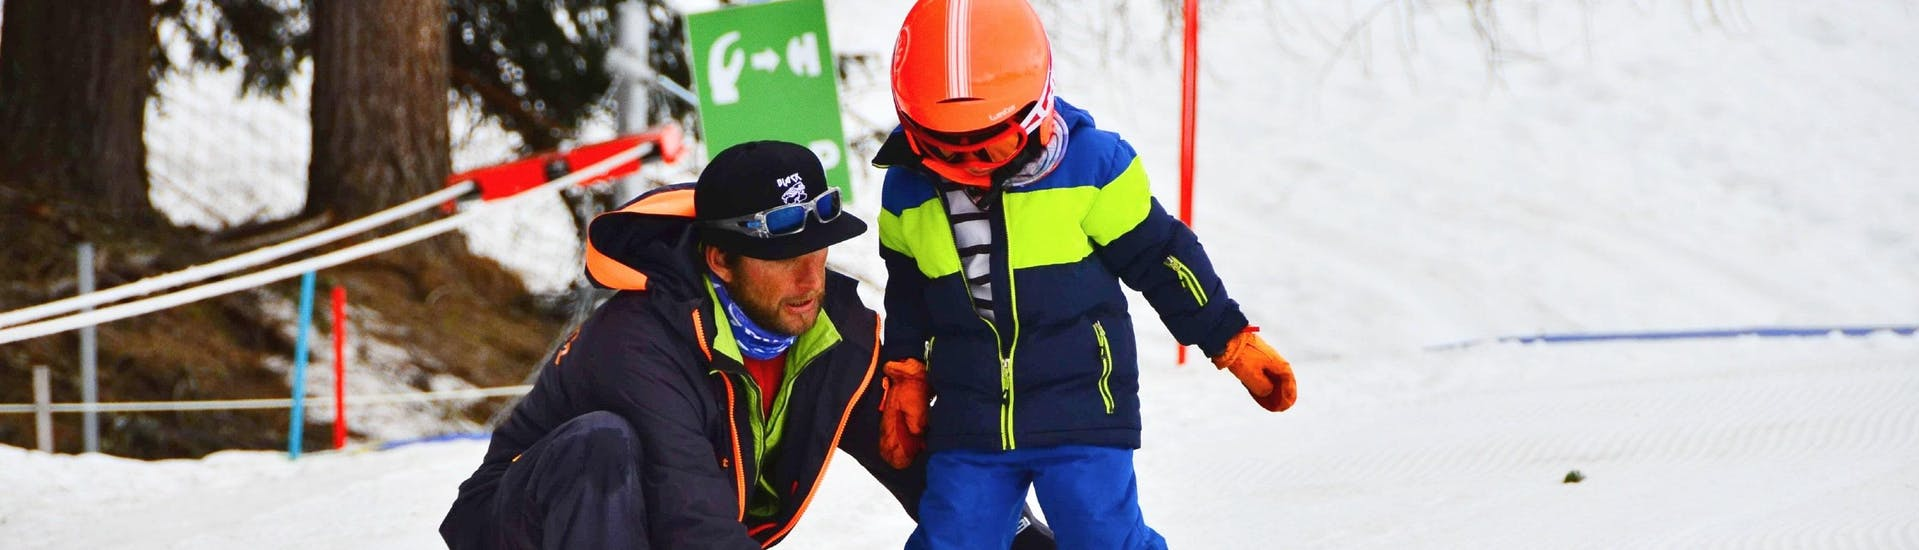 private-ski-lessons-for-kids-of-all-levels-evo2-la-plagne-hero